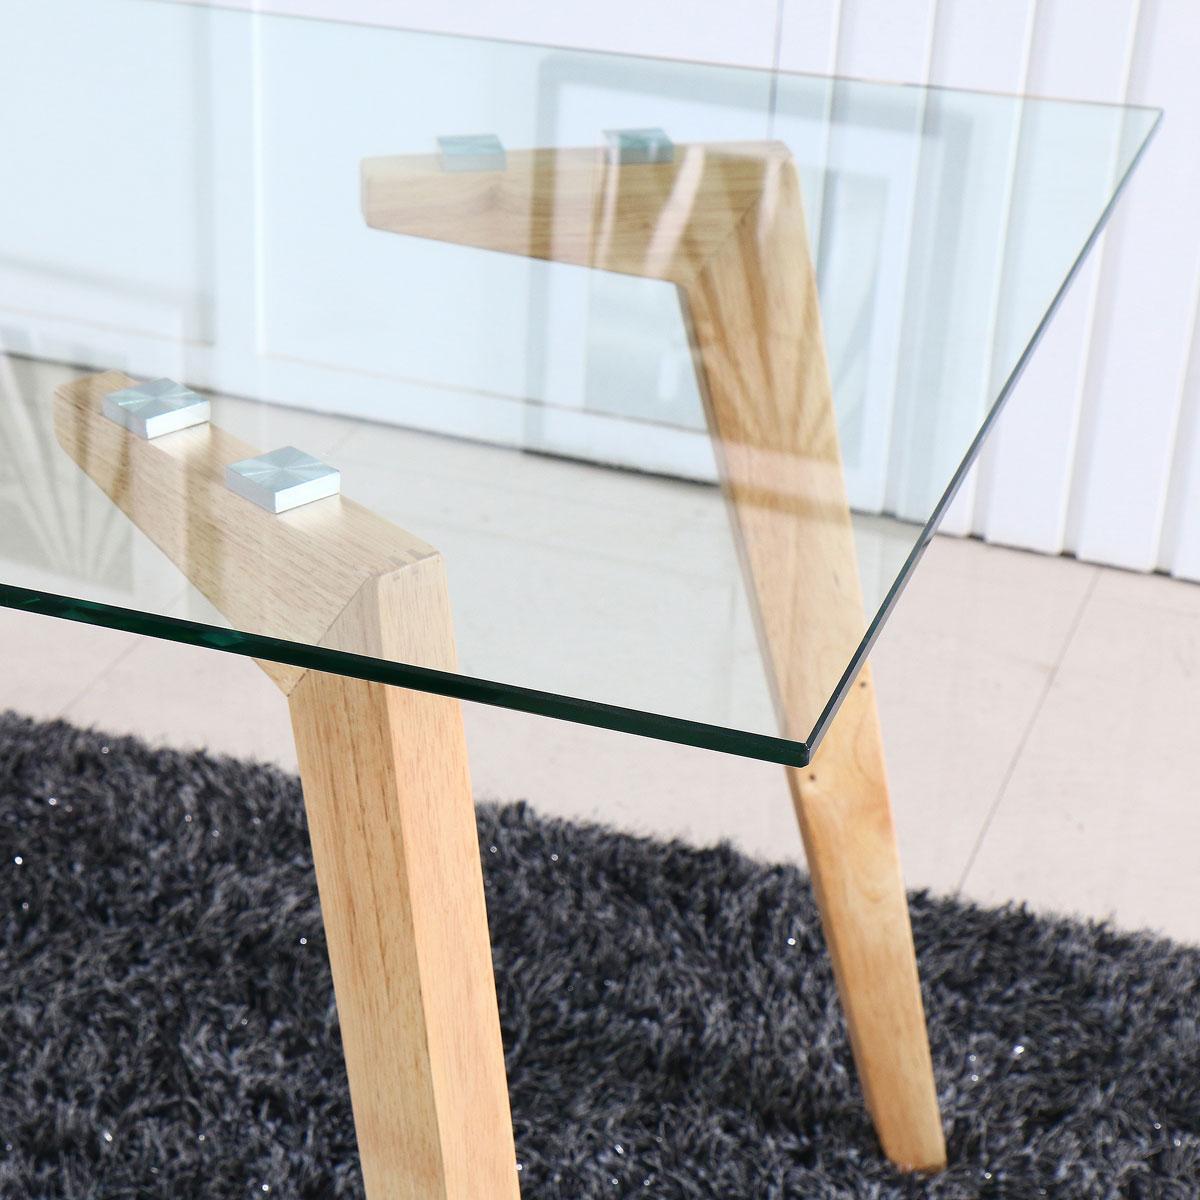 שולחן לפינת אוכל בשילוב של עץ וזכוכית מחוסמת דגם AMELY מבית BRADEX - תמונה 2